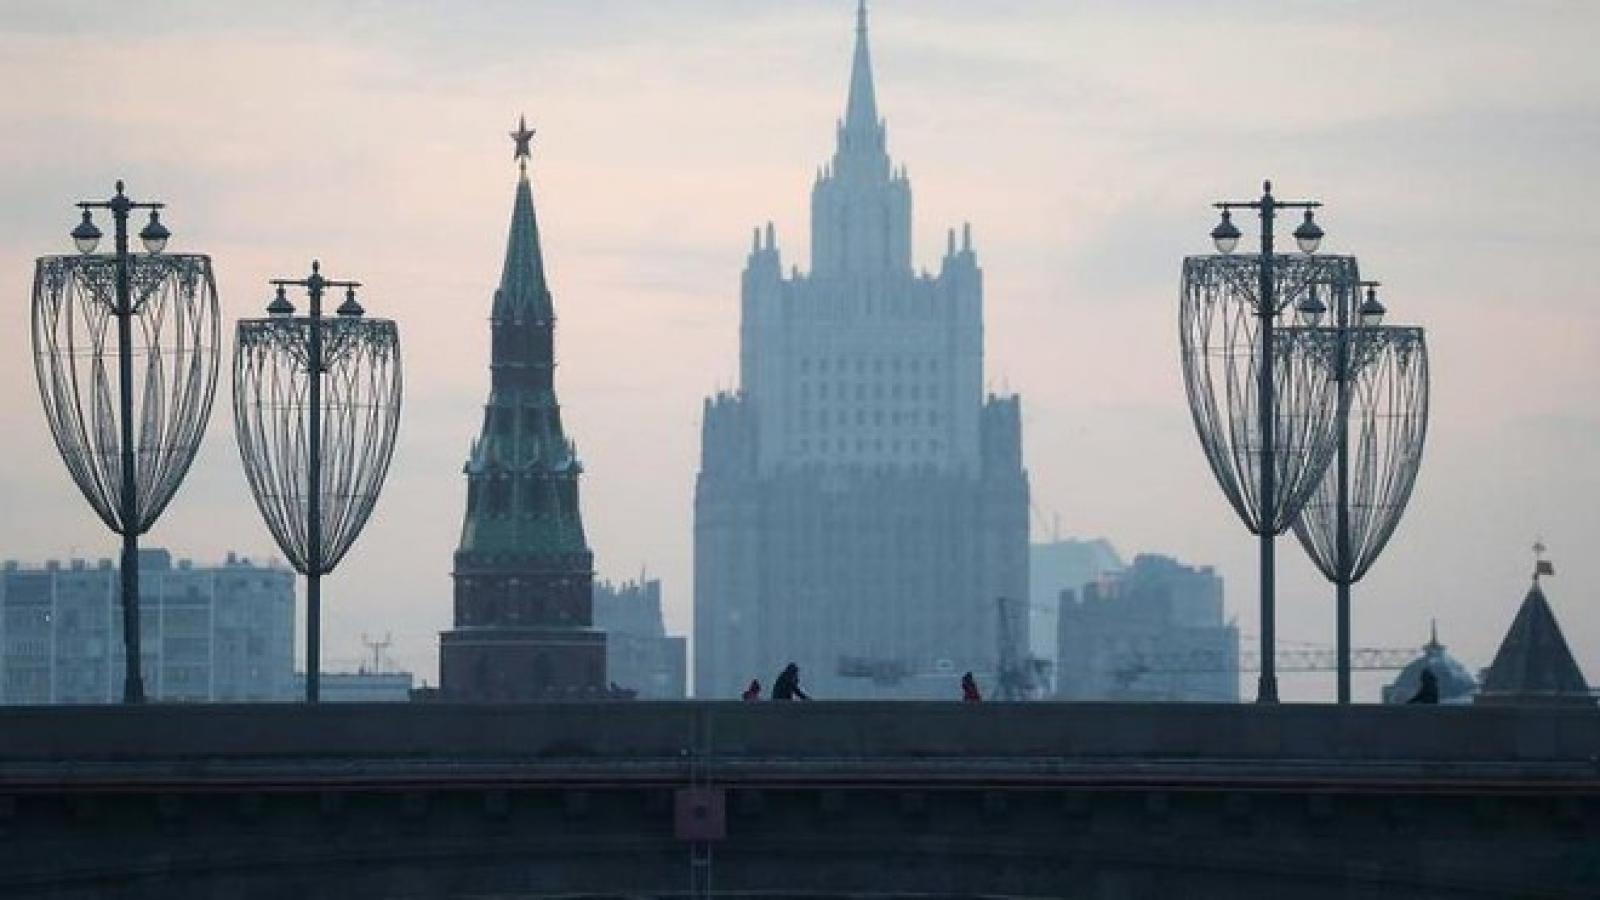 Quan hệ EU và Nga lại gặp sóng gió sau vụ trục xuất các nhà ngoại giao